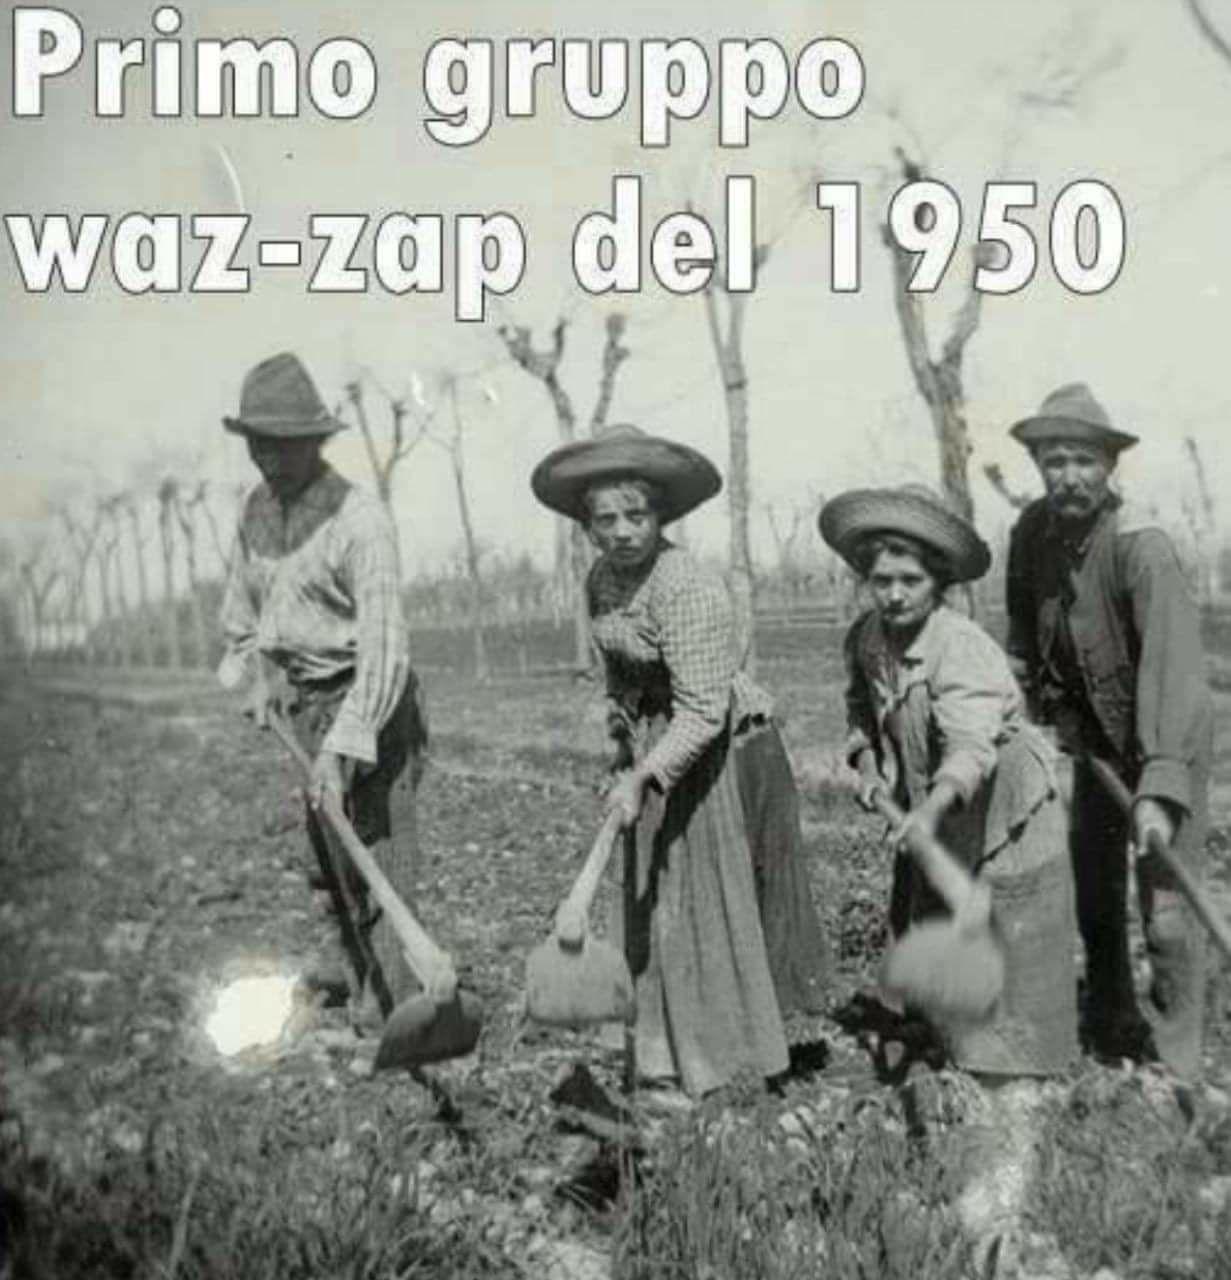 Primo Gruppo Waz-zap del 1950